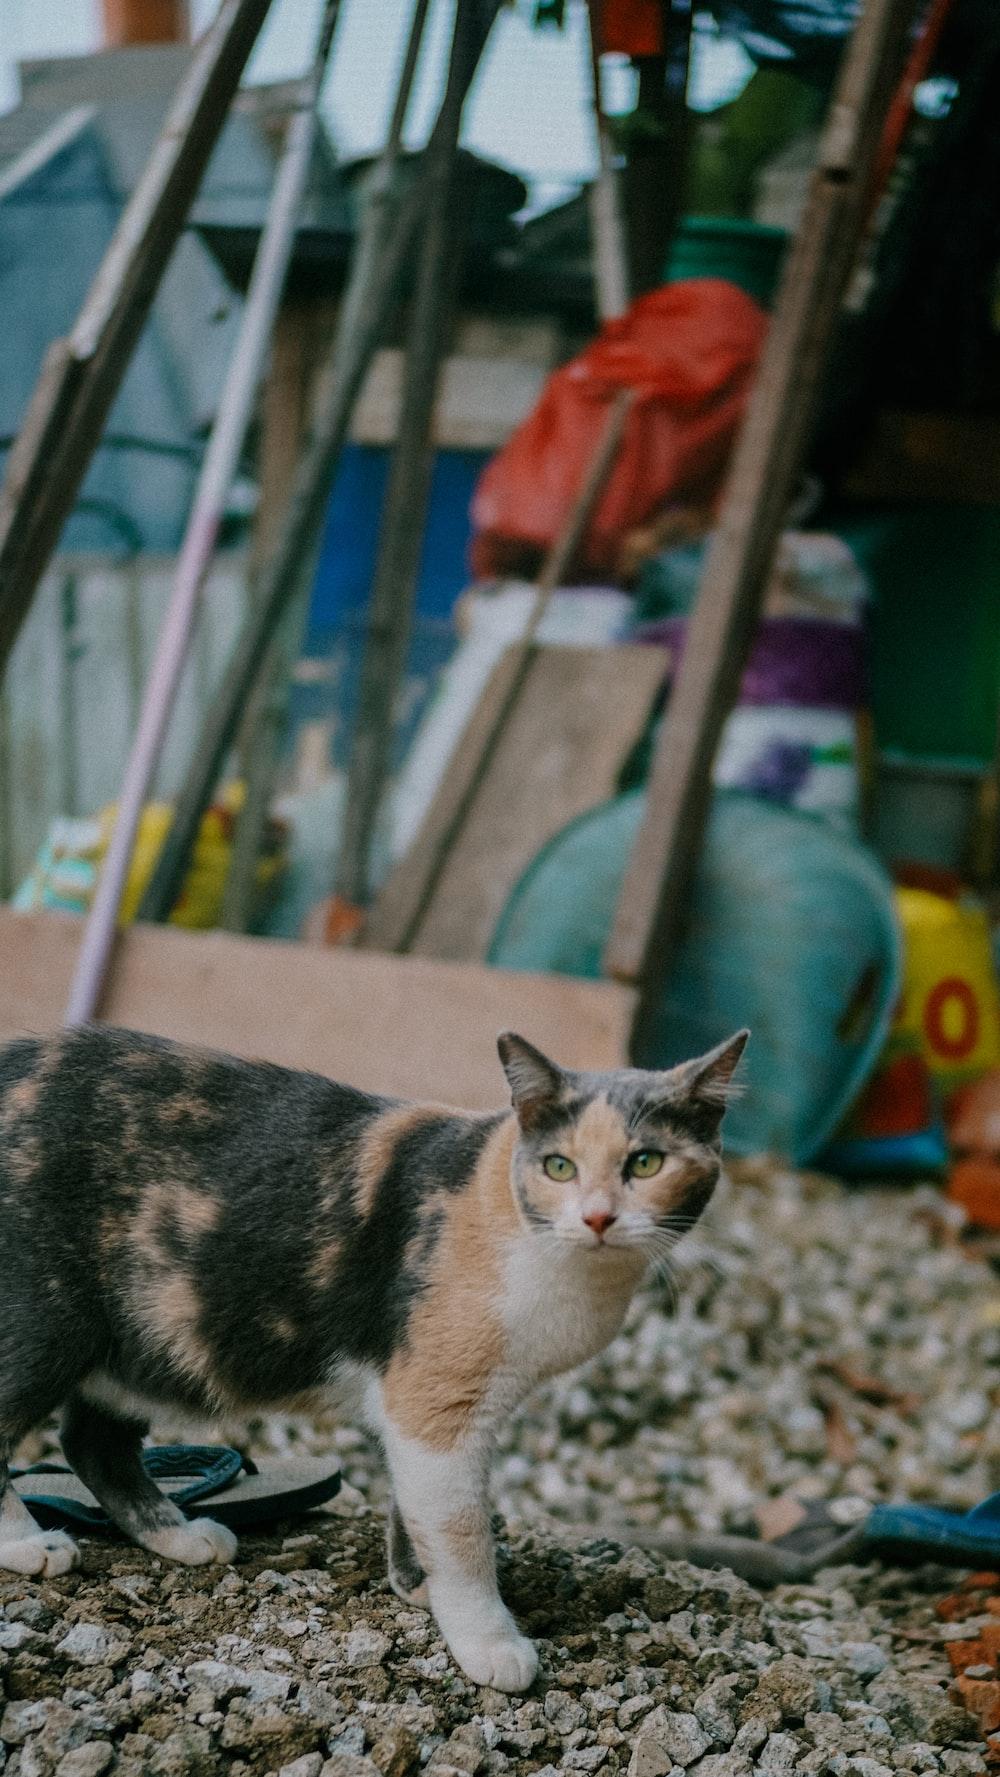 calico cat on gray concrete floor